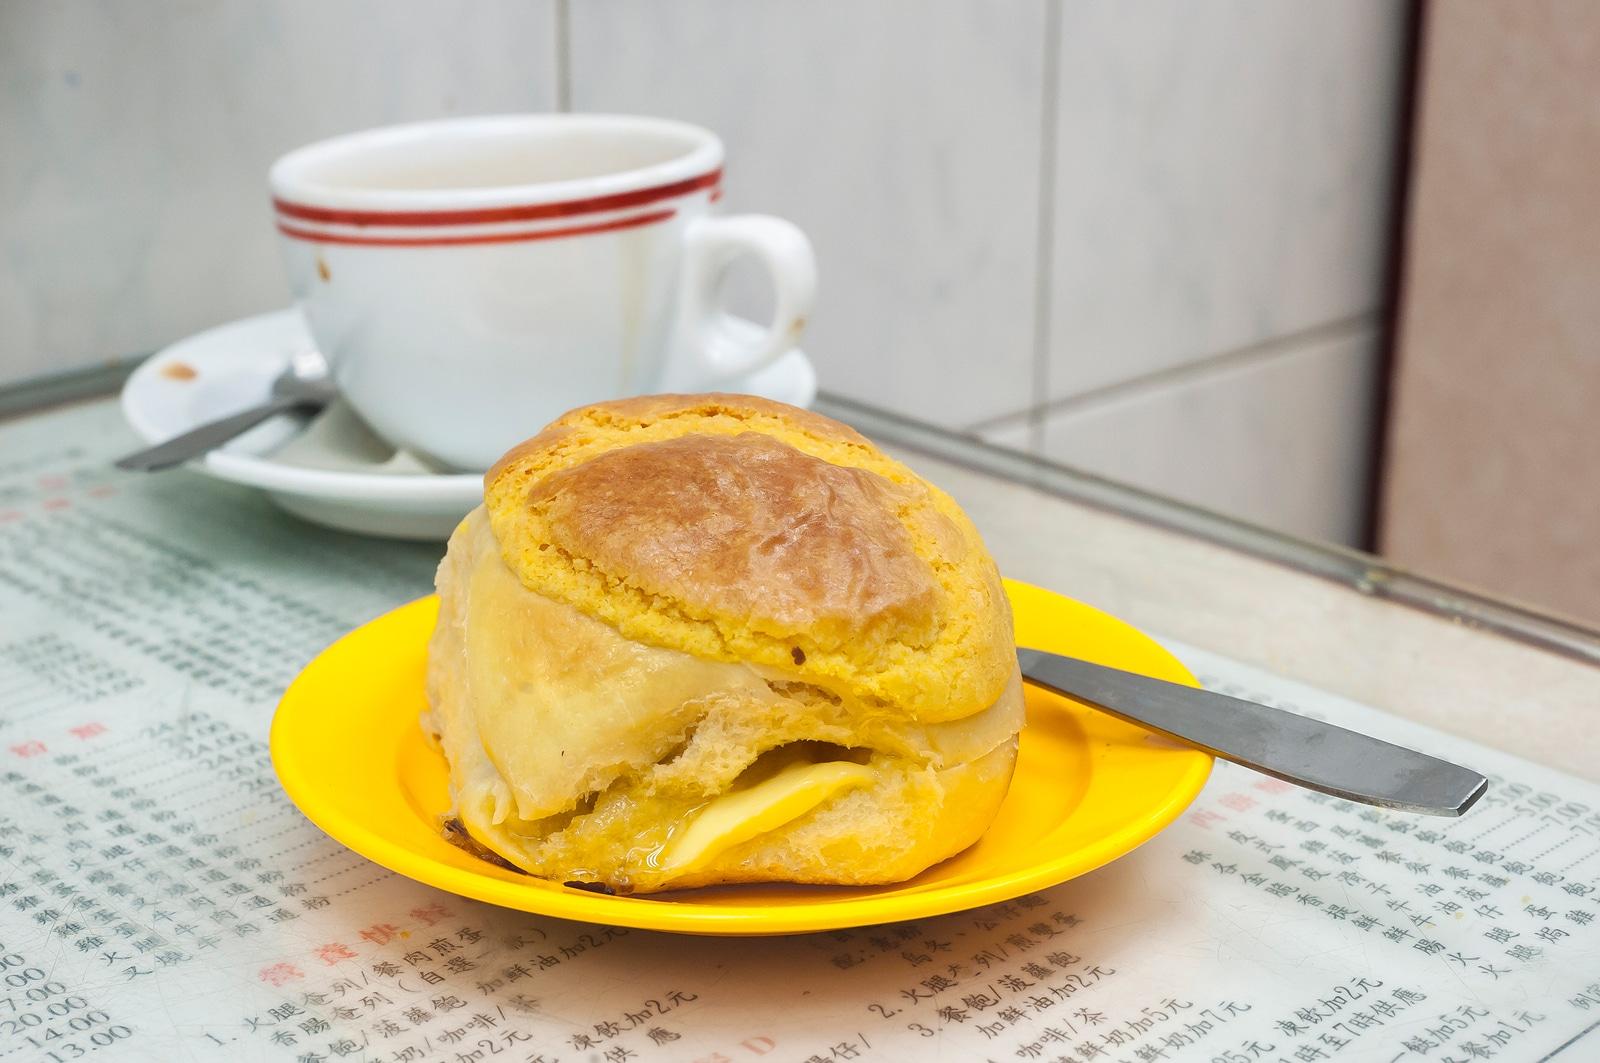 Hong Kong pineapple bun and milk tea